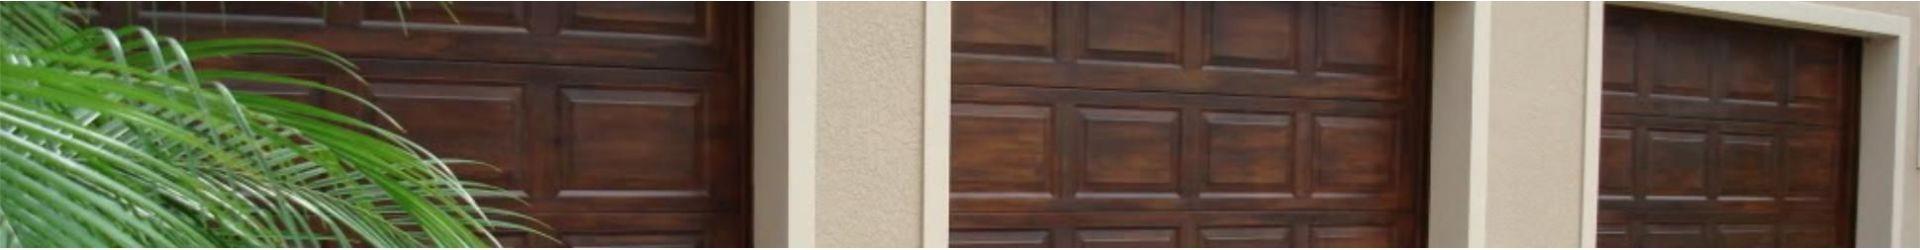 الأبواب الحديثة